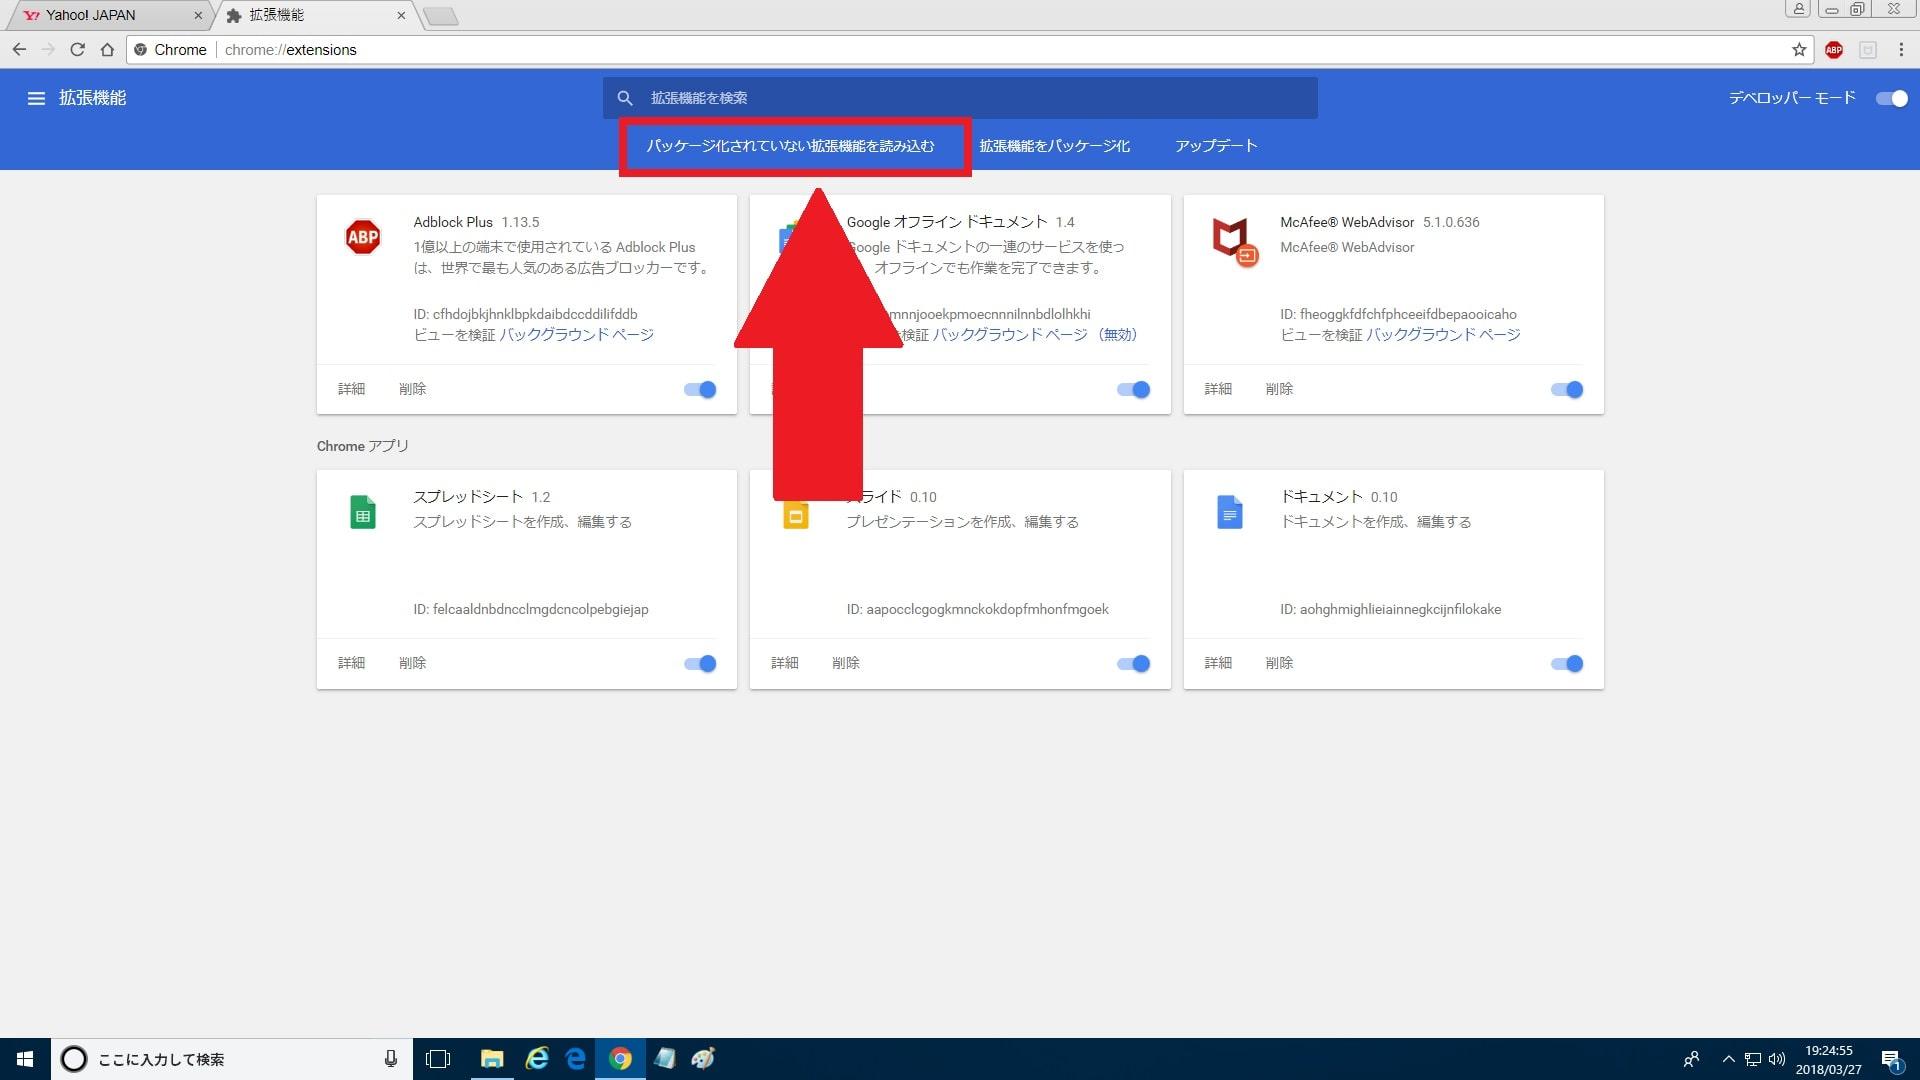 Google Chromeの拡張機能の一覧画面でパッケージ化されていない拡張機能を読み込むという項目をクリックする